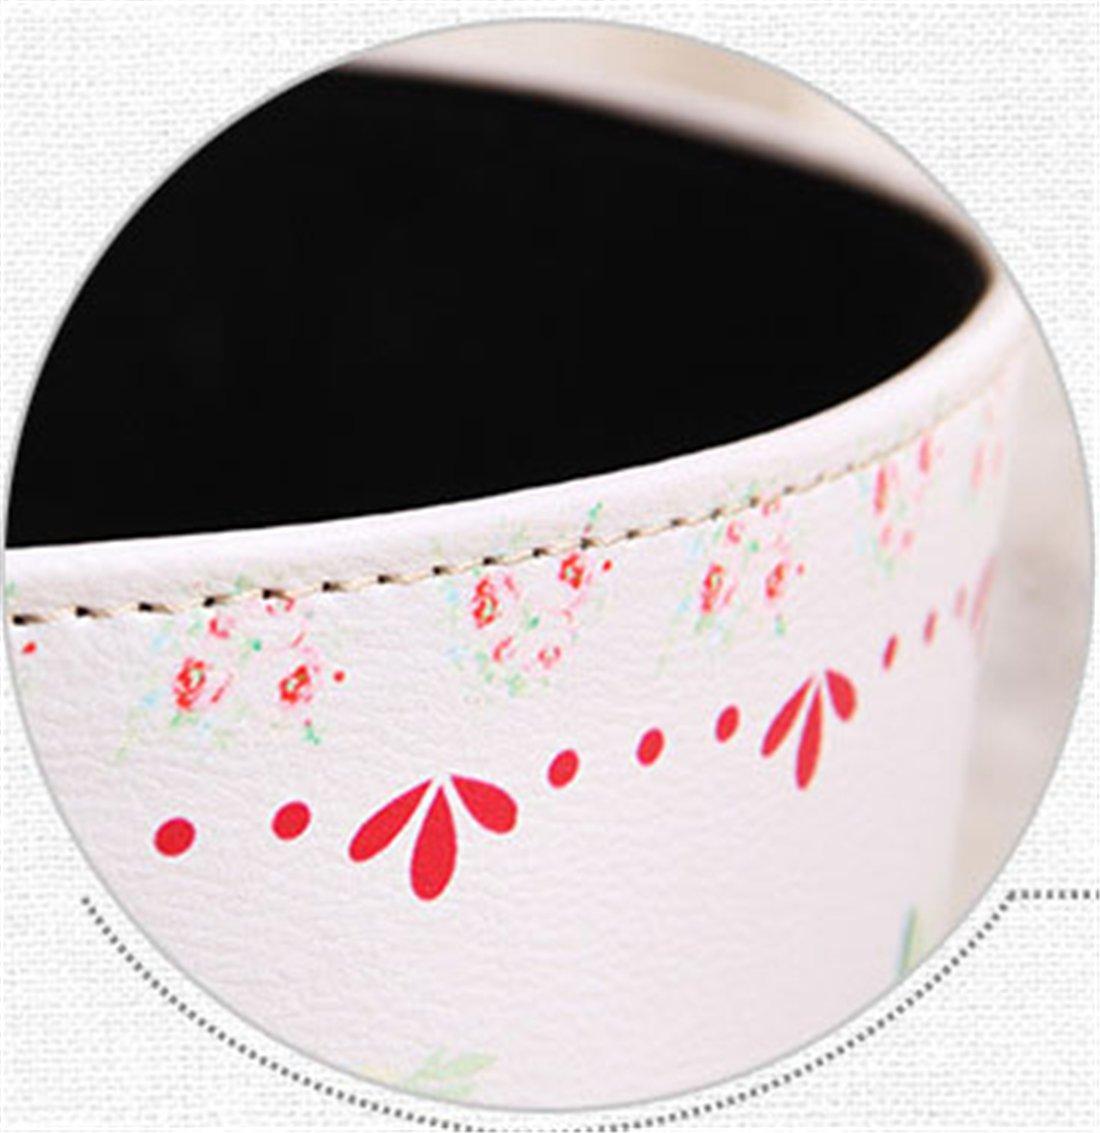 Bestwoo Retro Waterproof Trash Can Flower Pattern Waste Bin without Lid (M, Style 5) 3